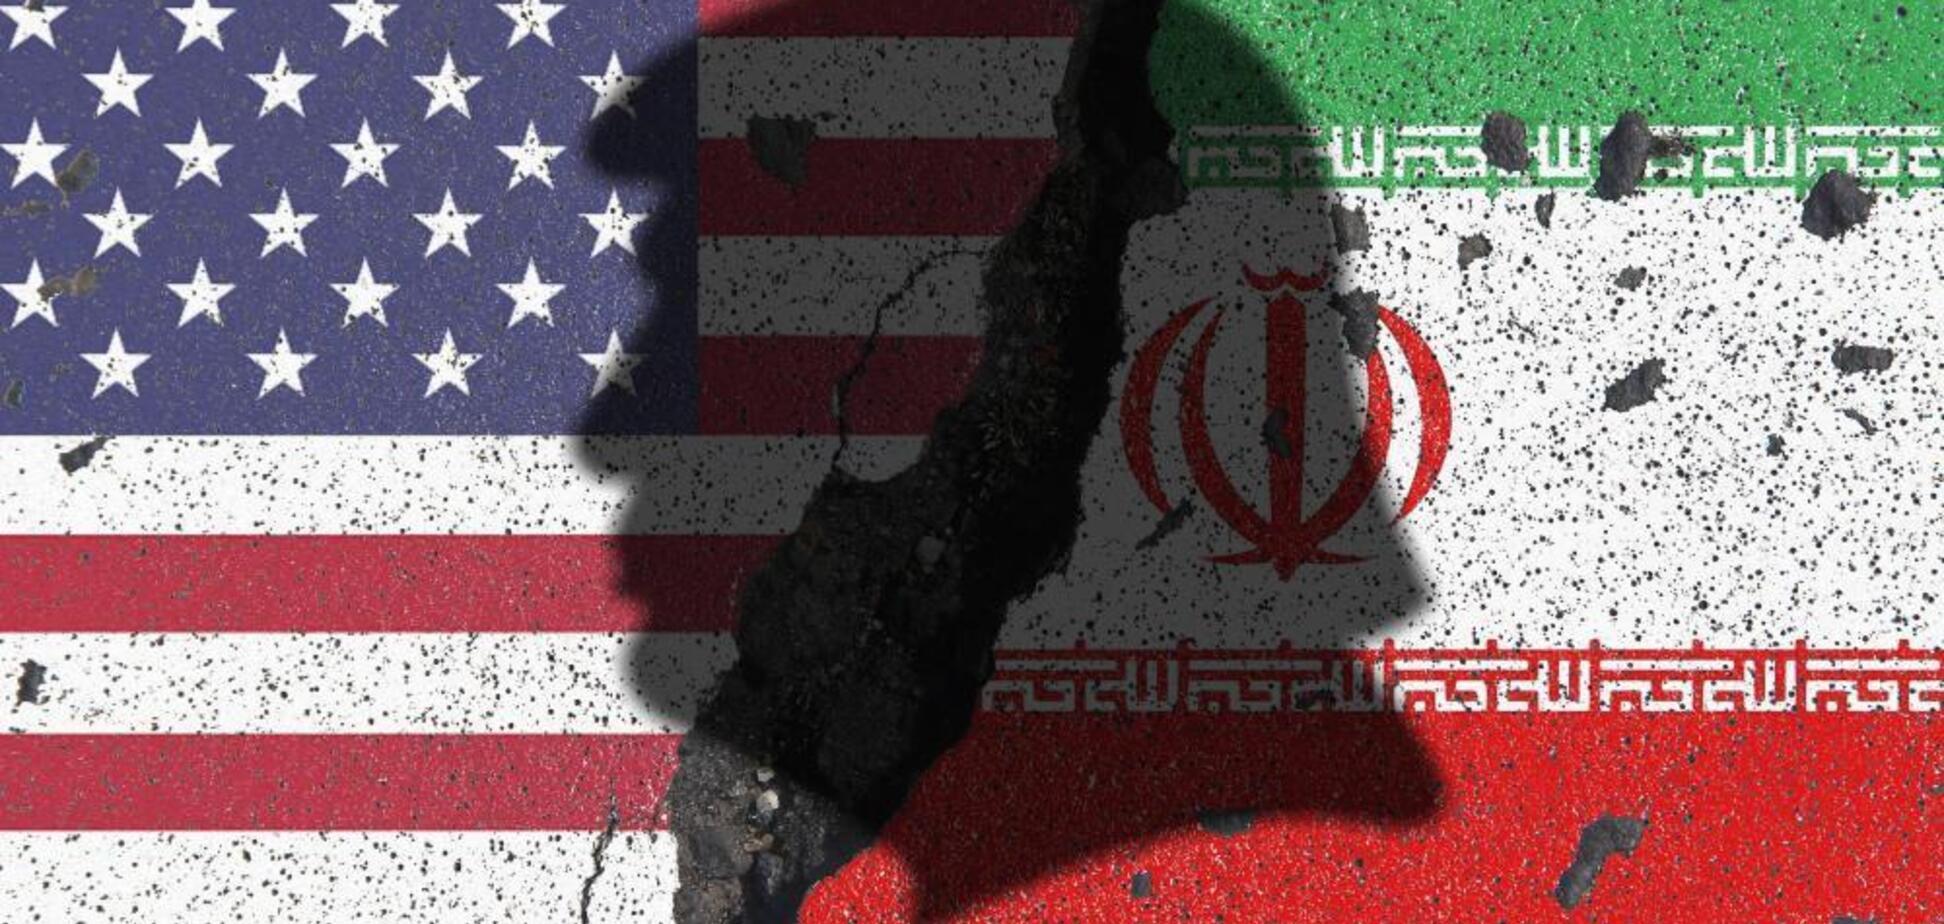 Даже Россия неспособна воевать против США. Иран тем более